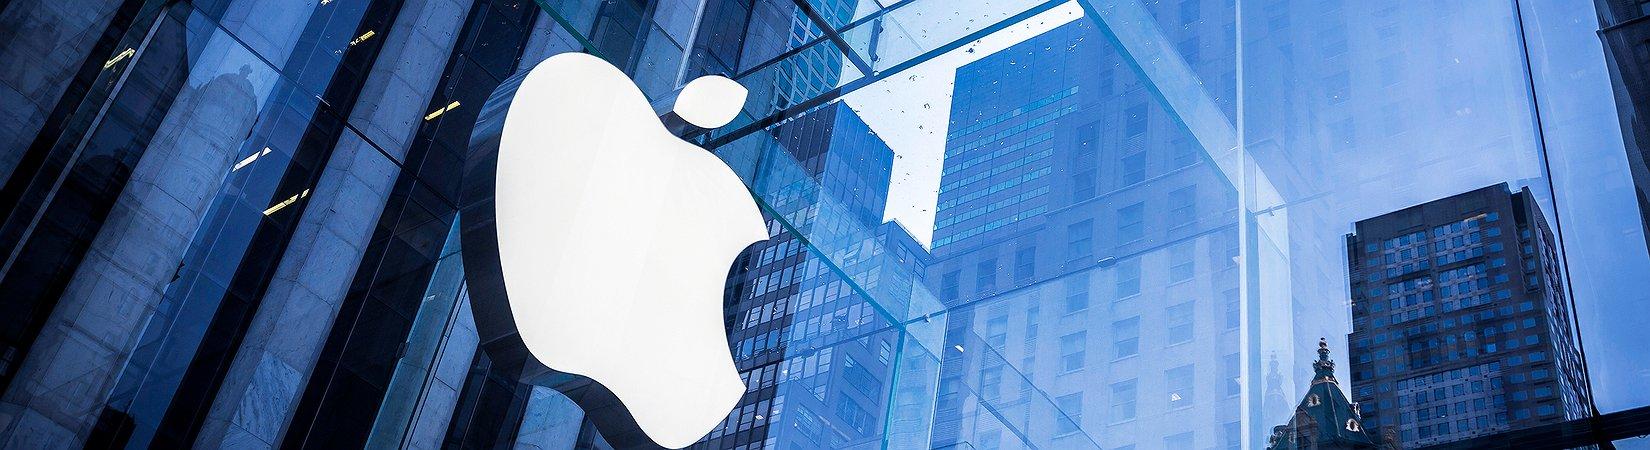 5 أسباب لشراء أسهم Apple الآن